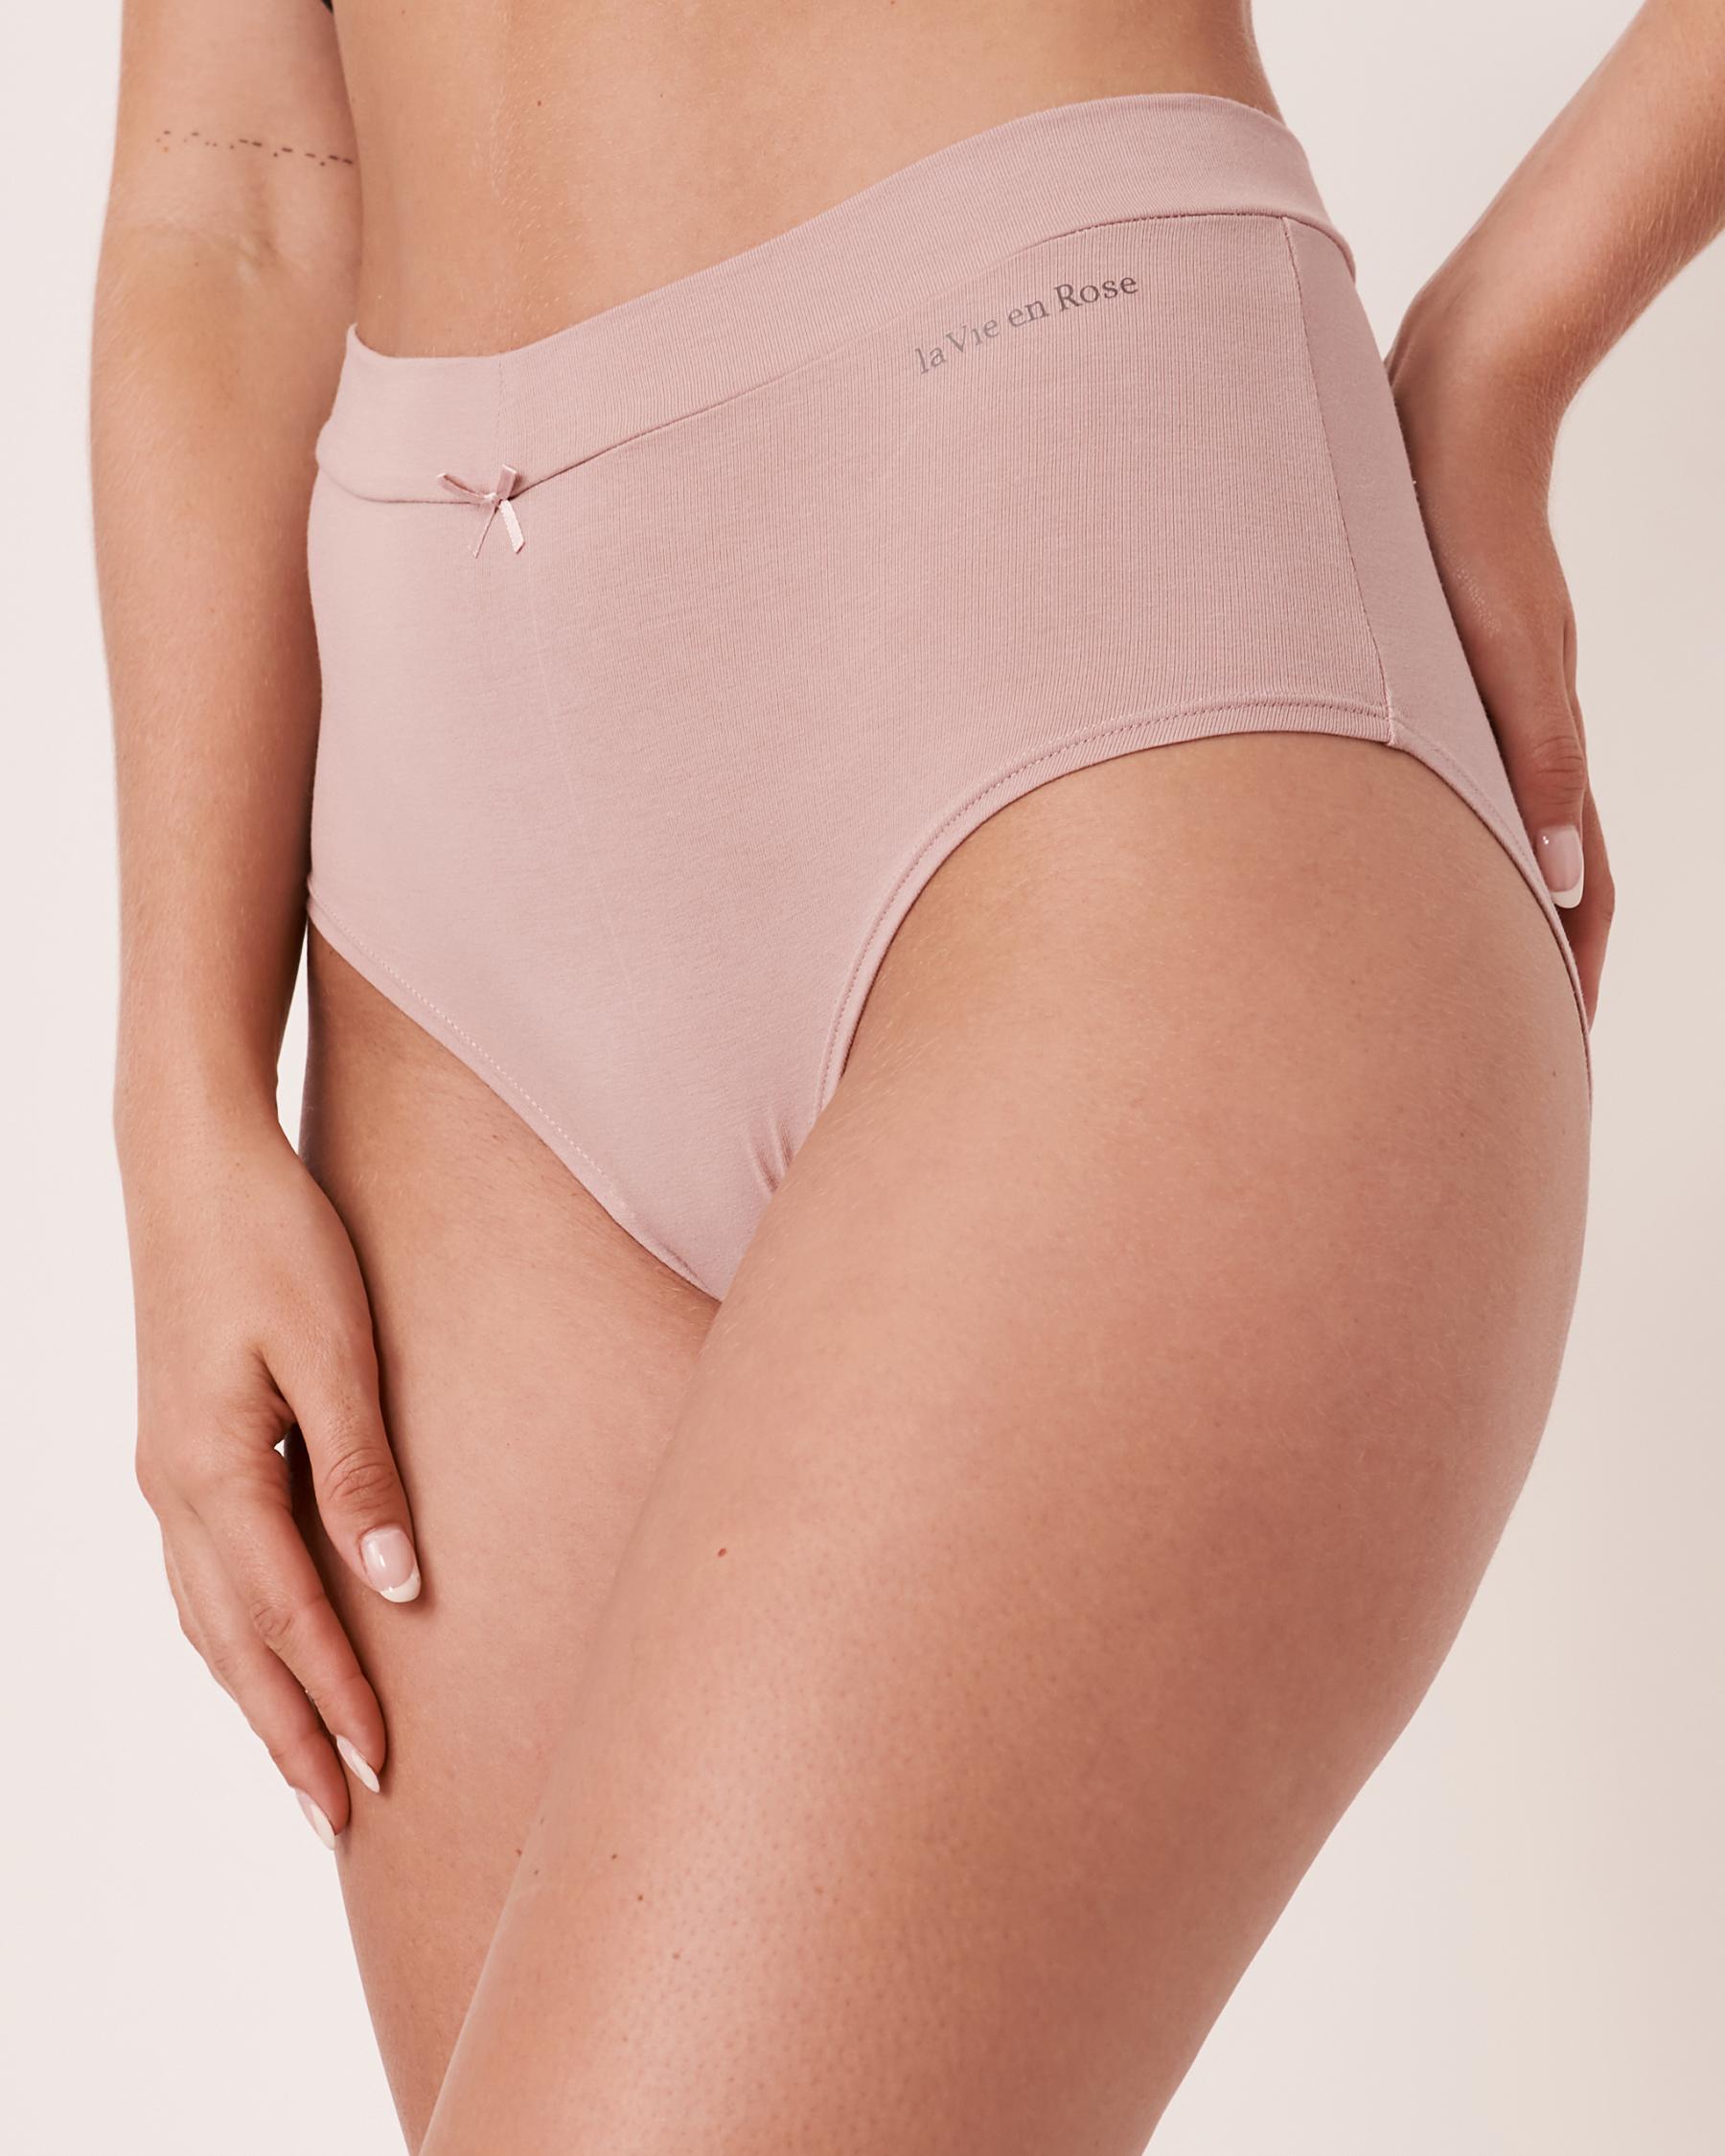 LA VIE EN ROSE High Waist Bikini Panty Purple 20100067 - View1